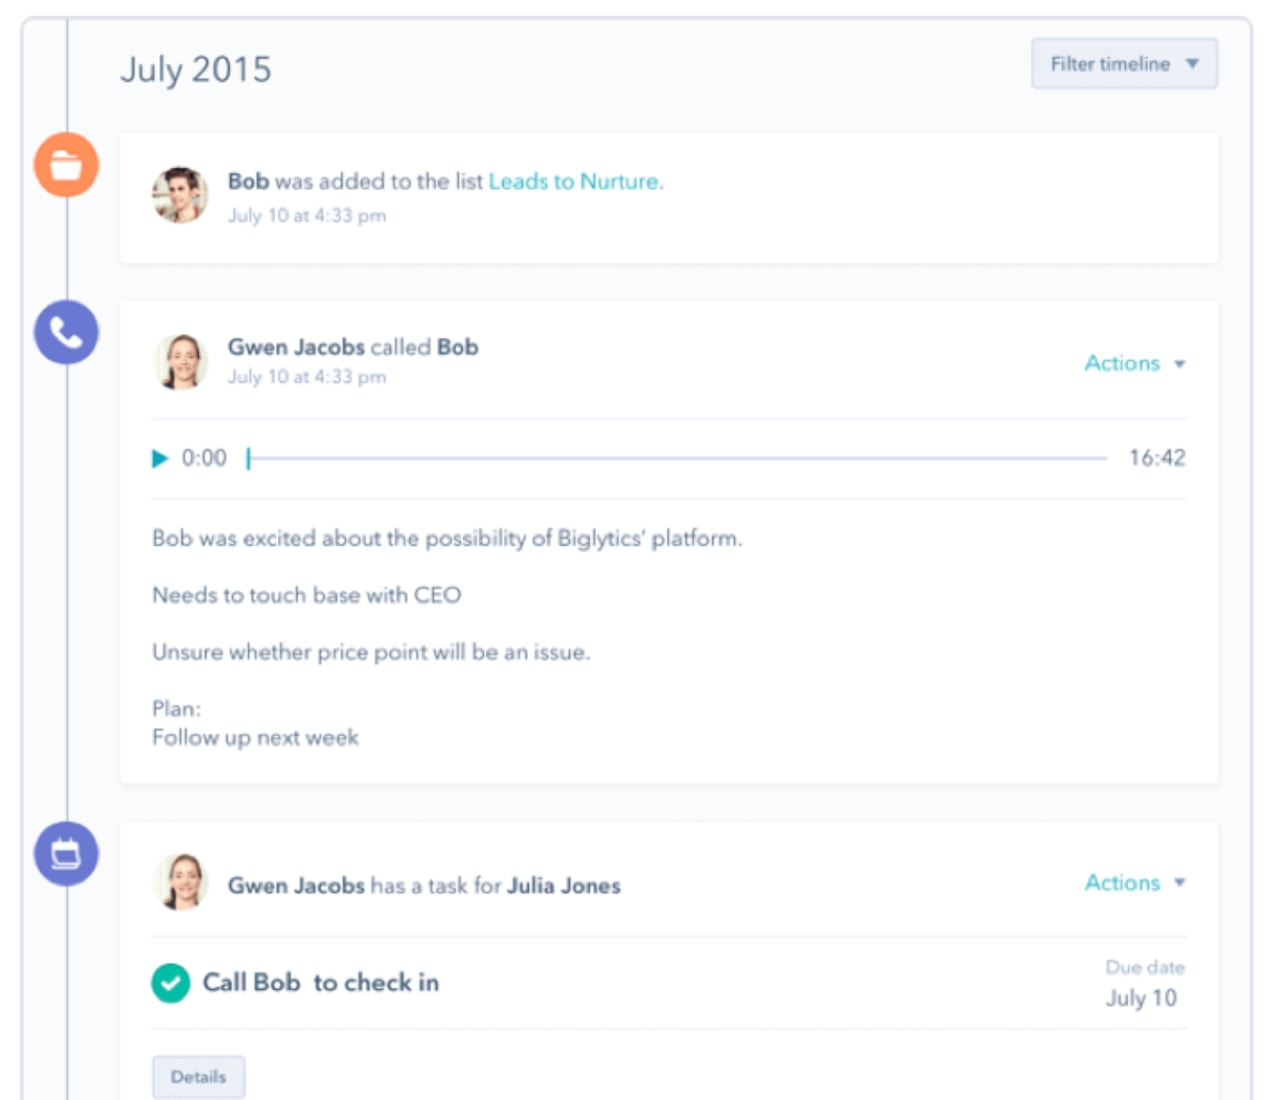 customer management screen in hubspot